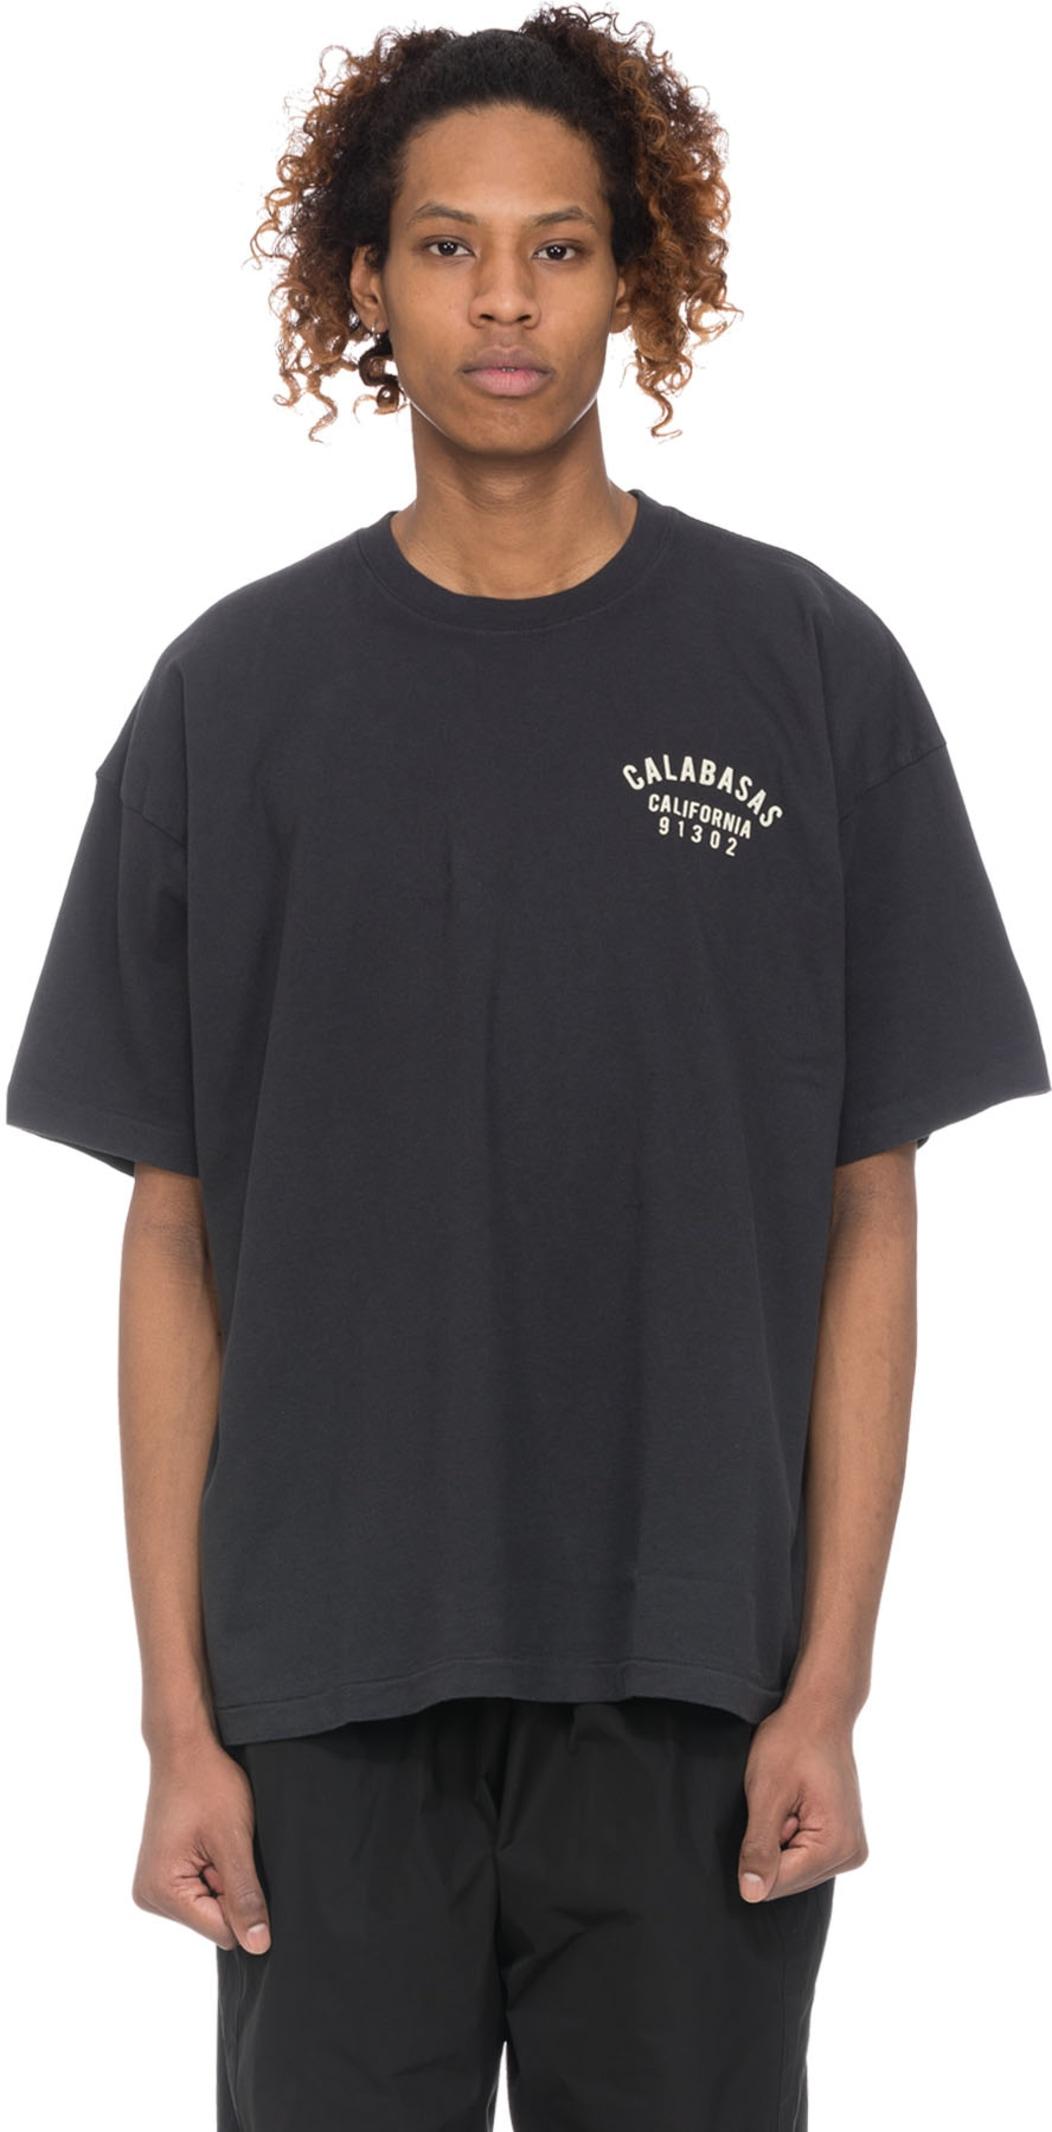 calabasas yeezy shirt